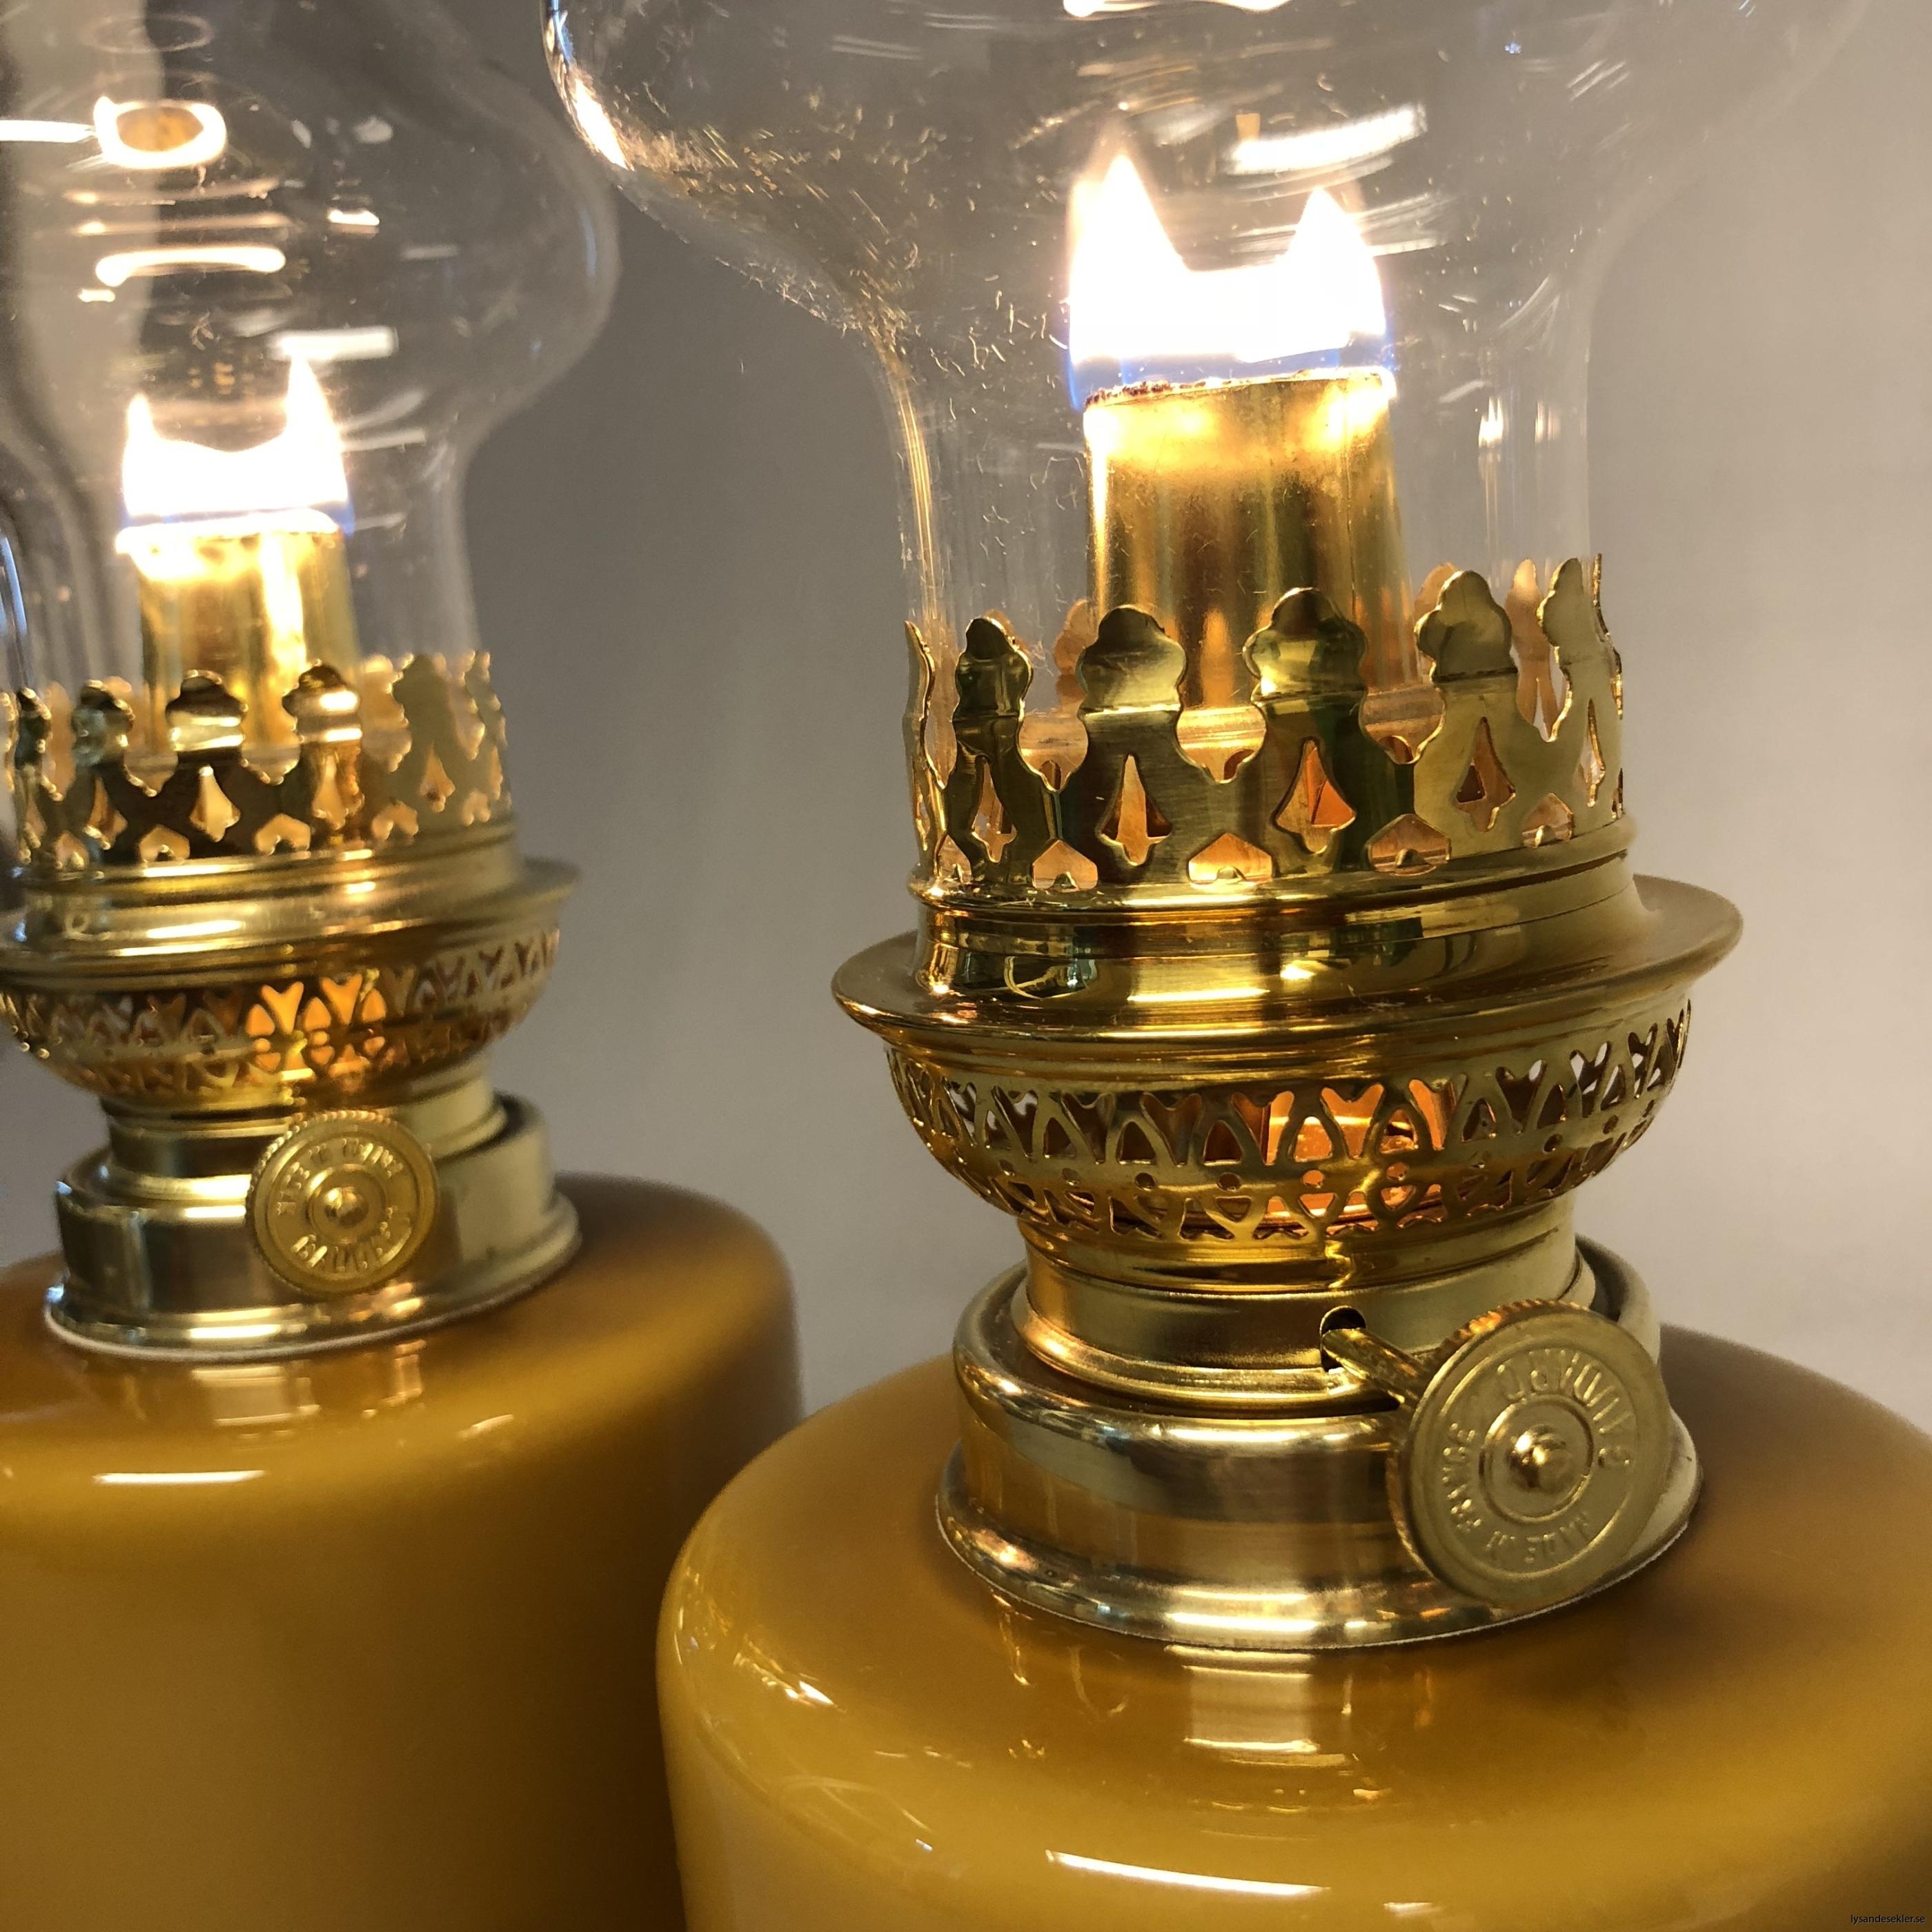 fotogenlampa fotogenlampor oljelampa oljelampor renoverad antik antikvitet18